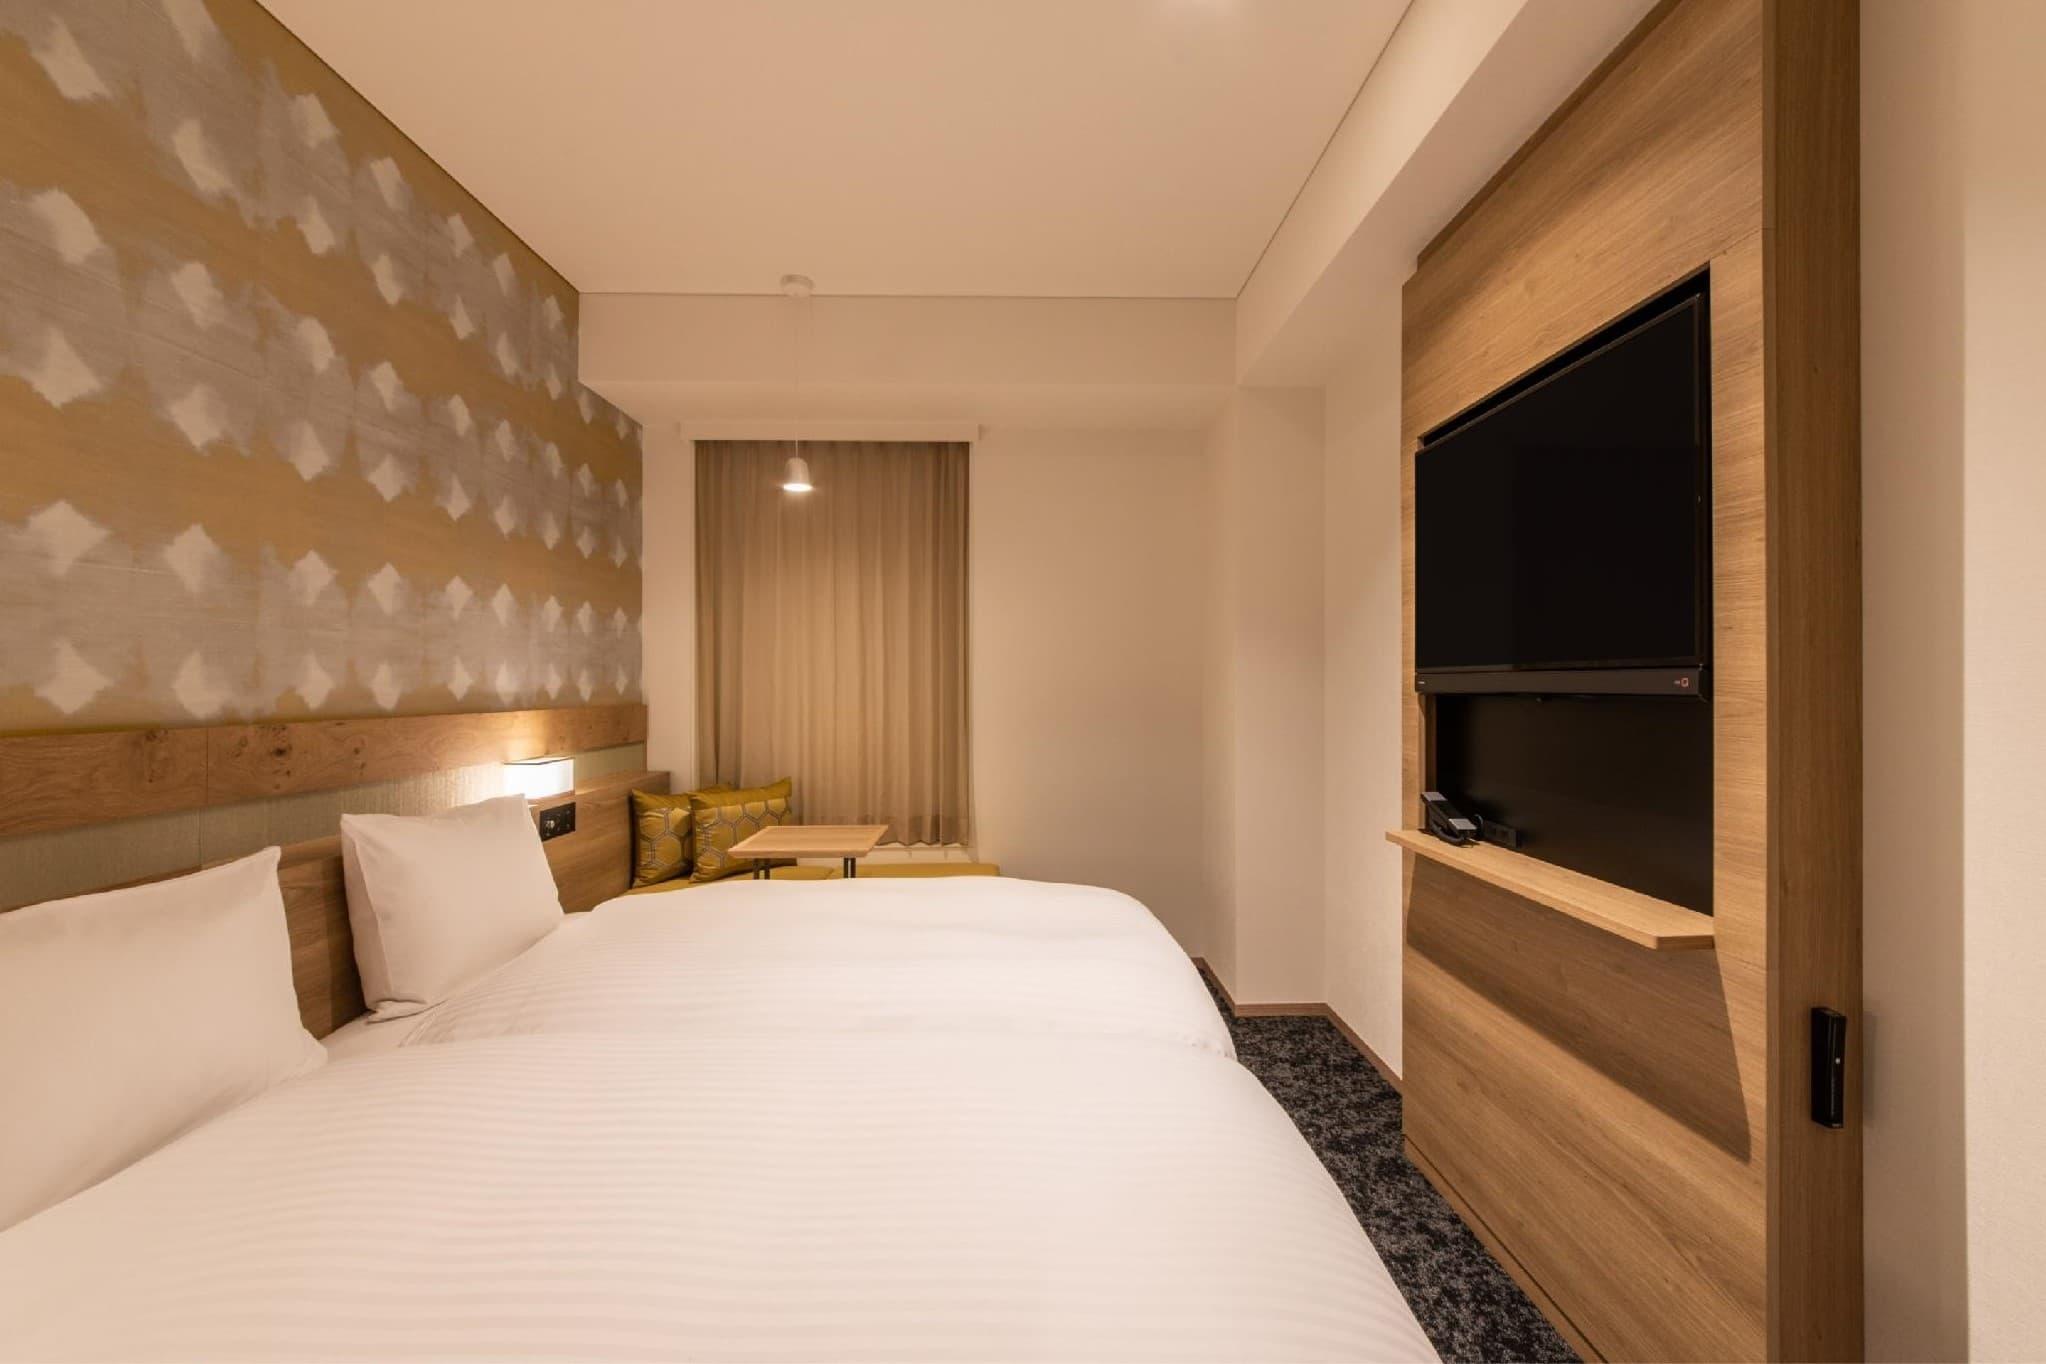 大阪難波威斯特酒店 雙床房